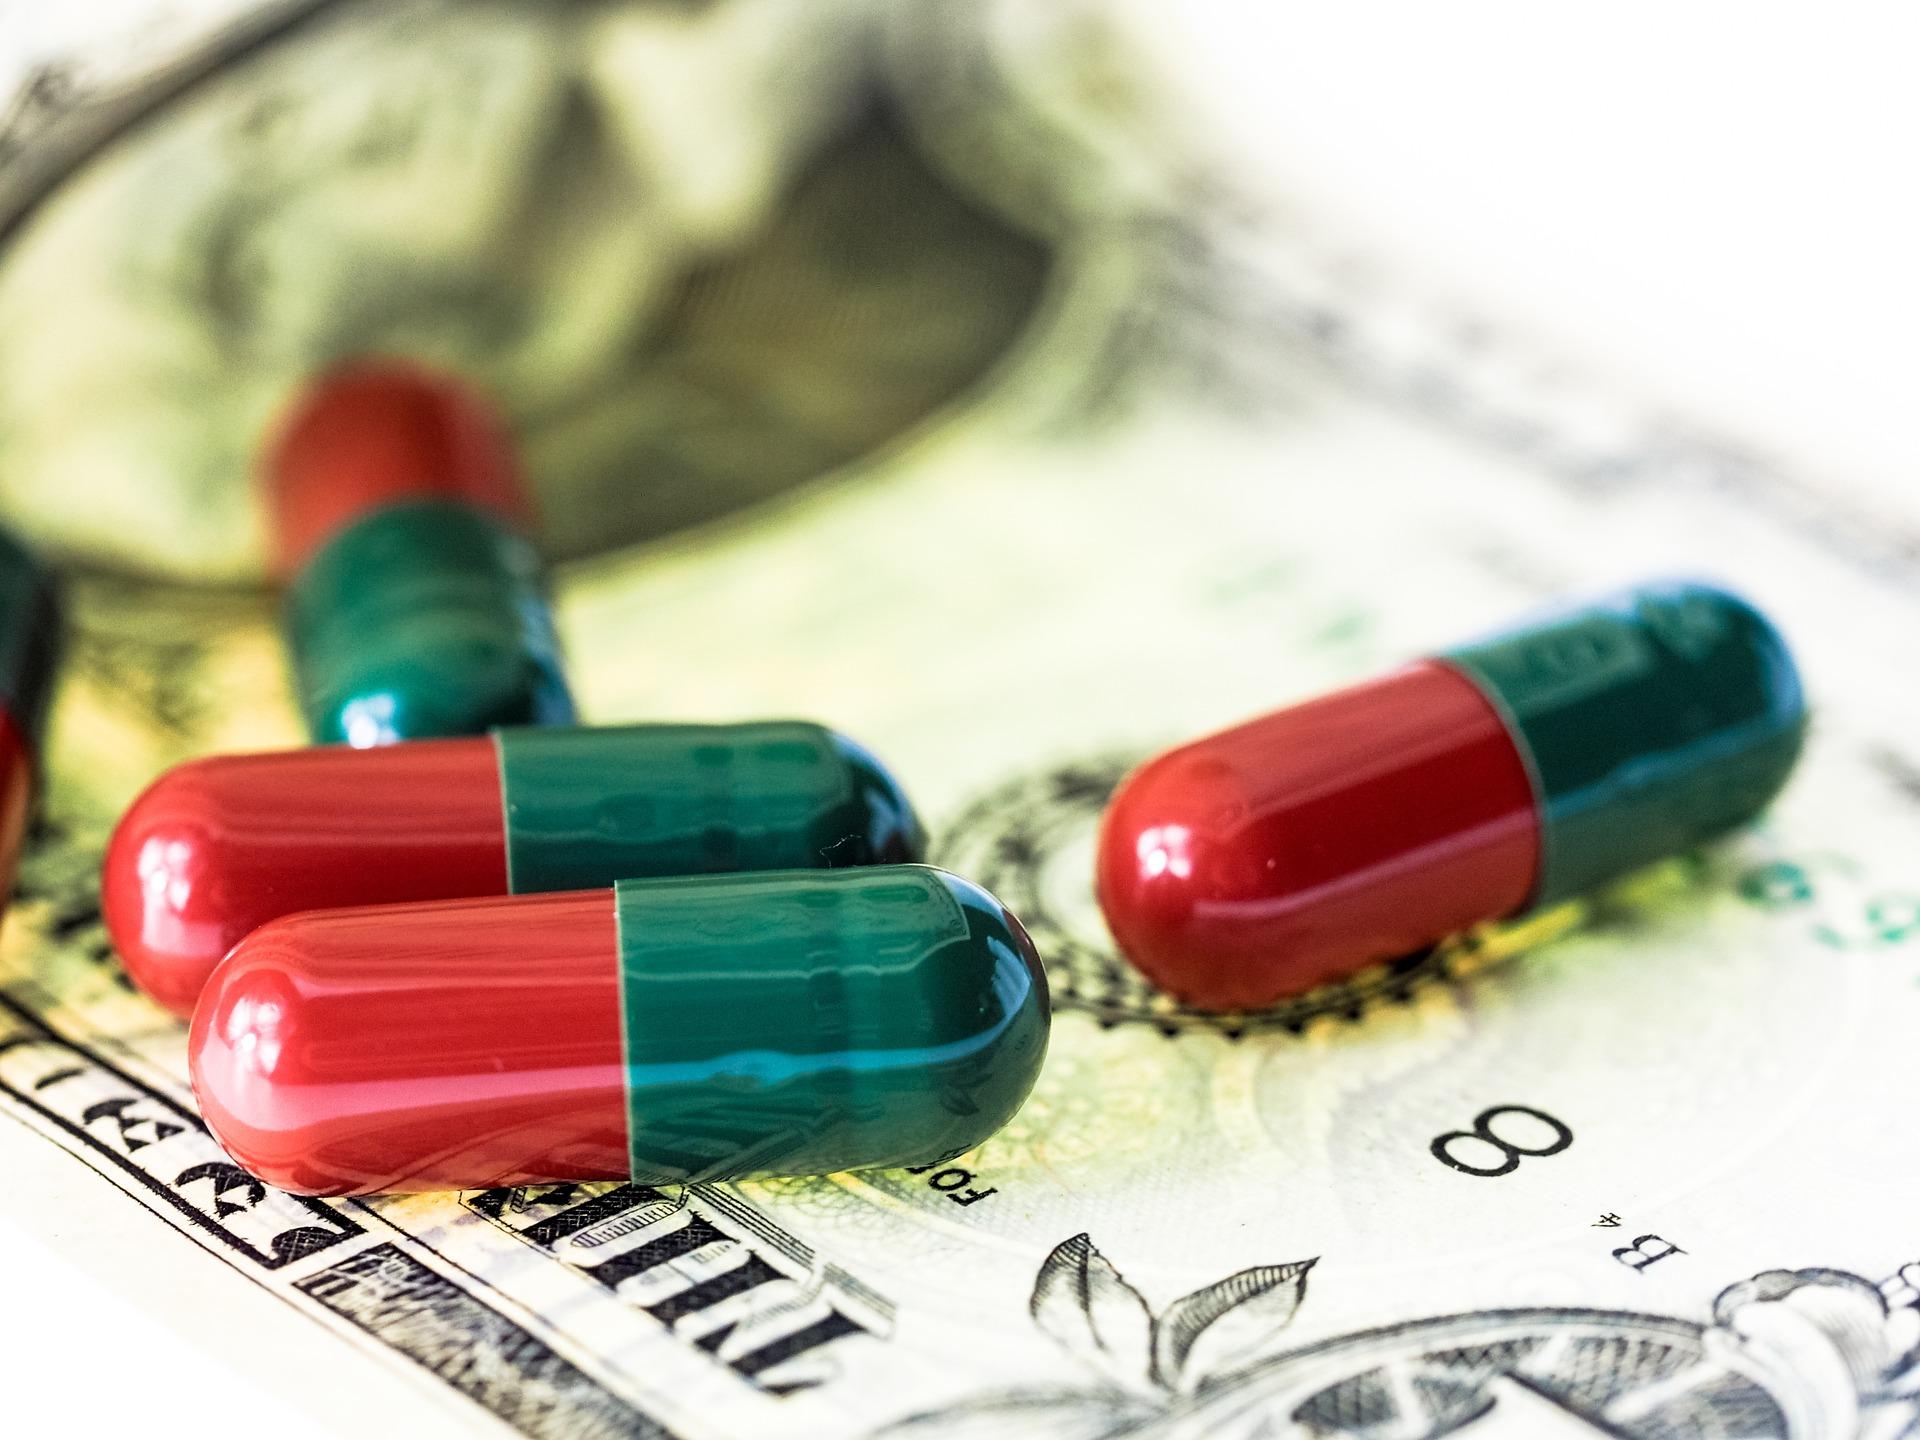 препараты от паразитов широкого спектра для детей